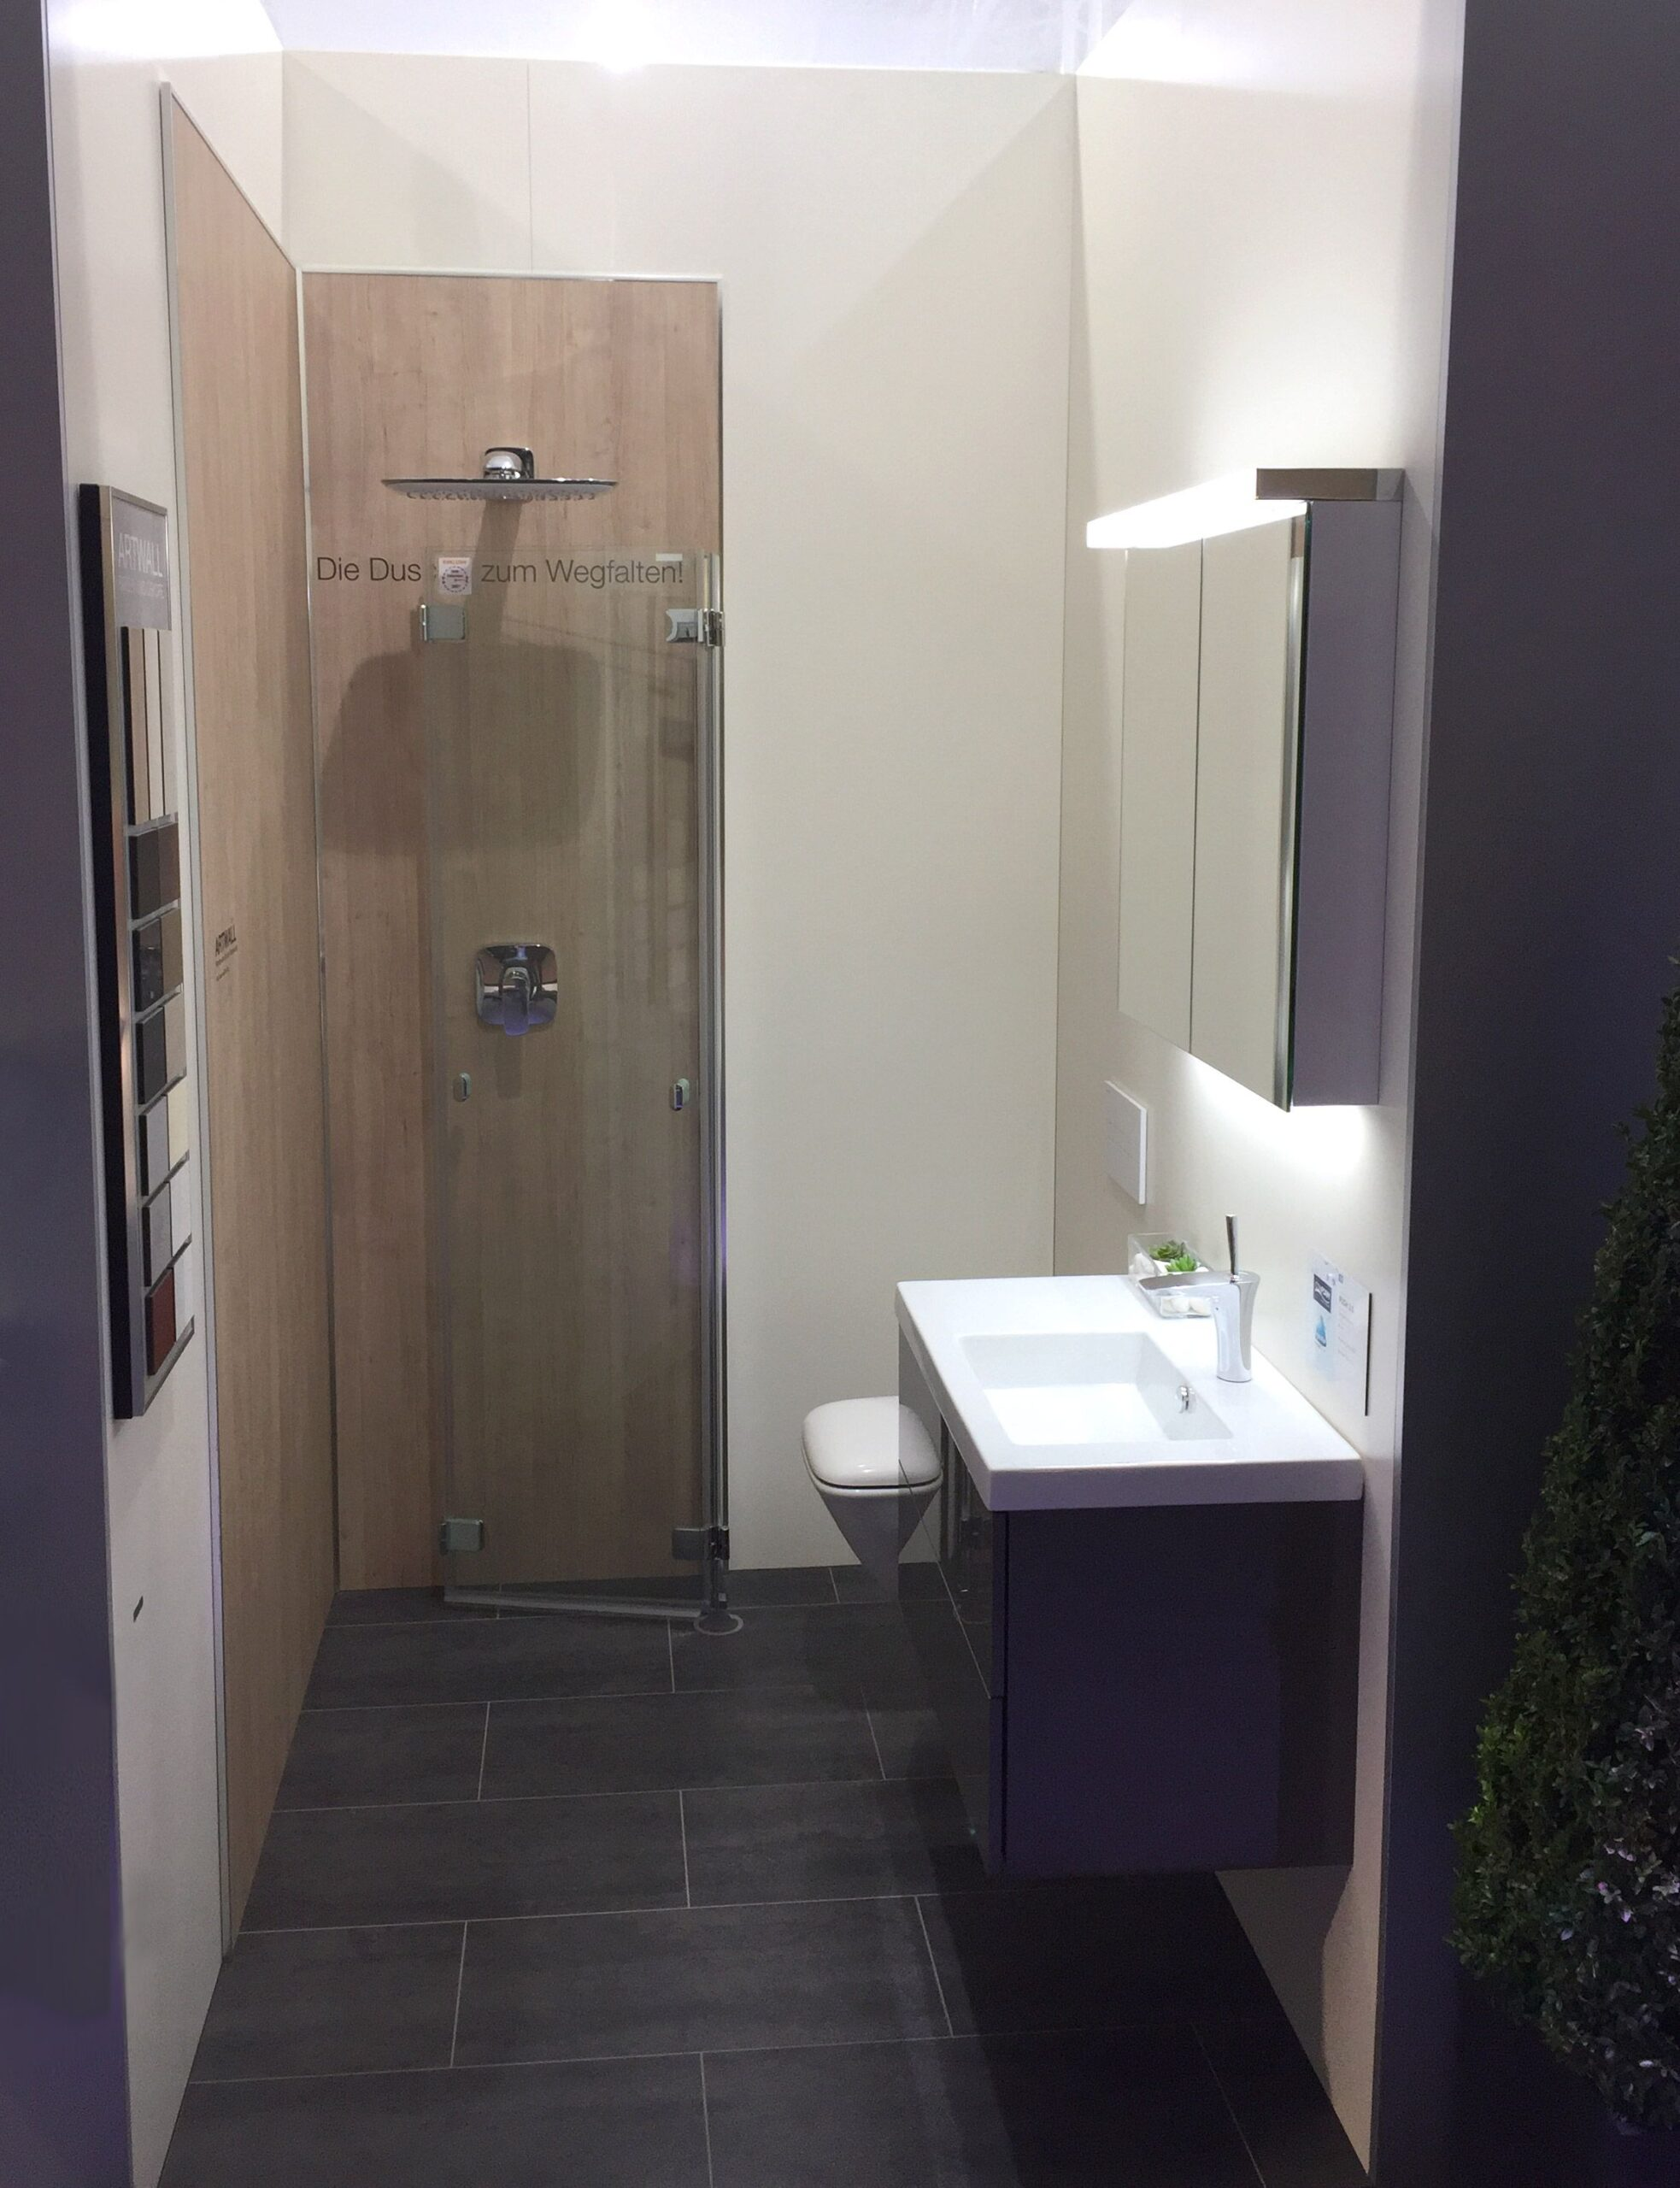 Full Size of In Diesem Minibad Findet Waschbecken Bodenebene Dusche Wandbelag Küche Wandbilder Schlafzimmer Walk 80x80 Haltegriff Begehbare Ohne Tür Bett Wand Pendeltür Dusche Dusche Wand